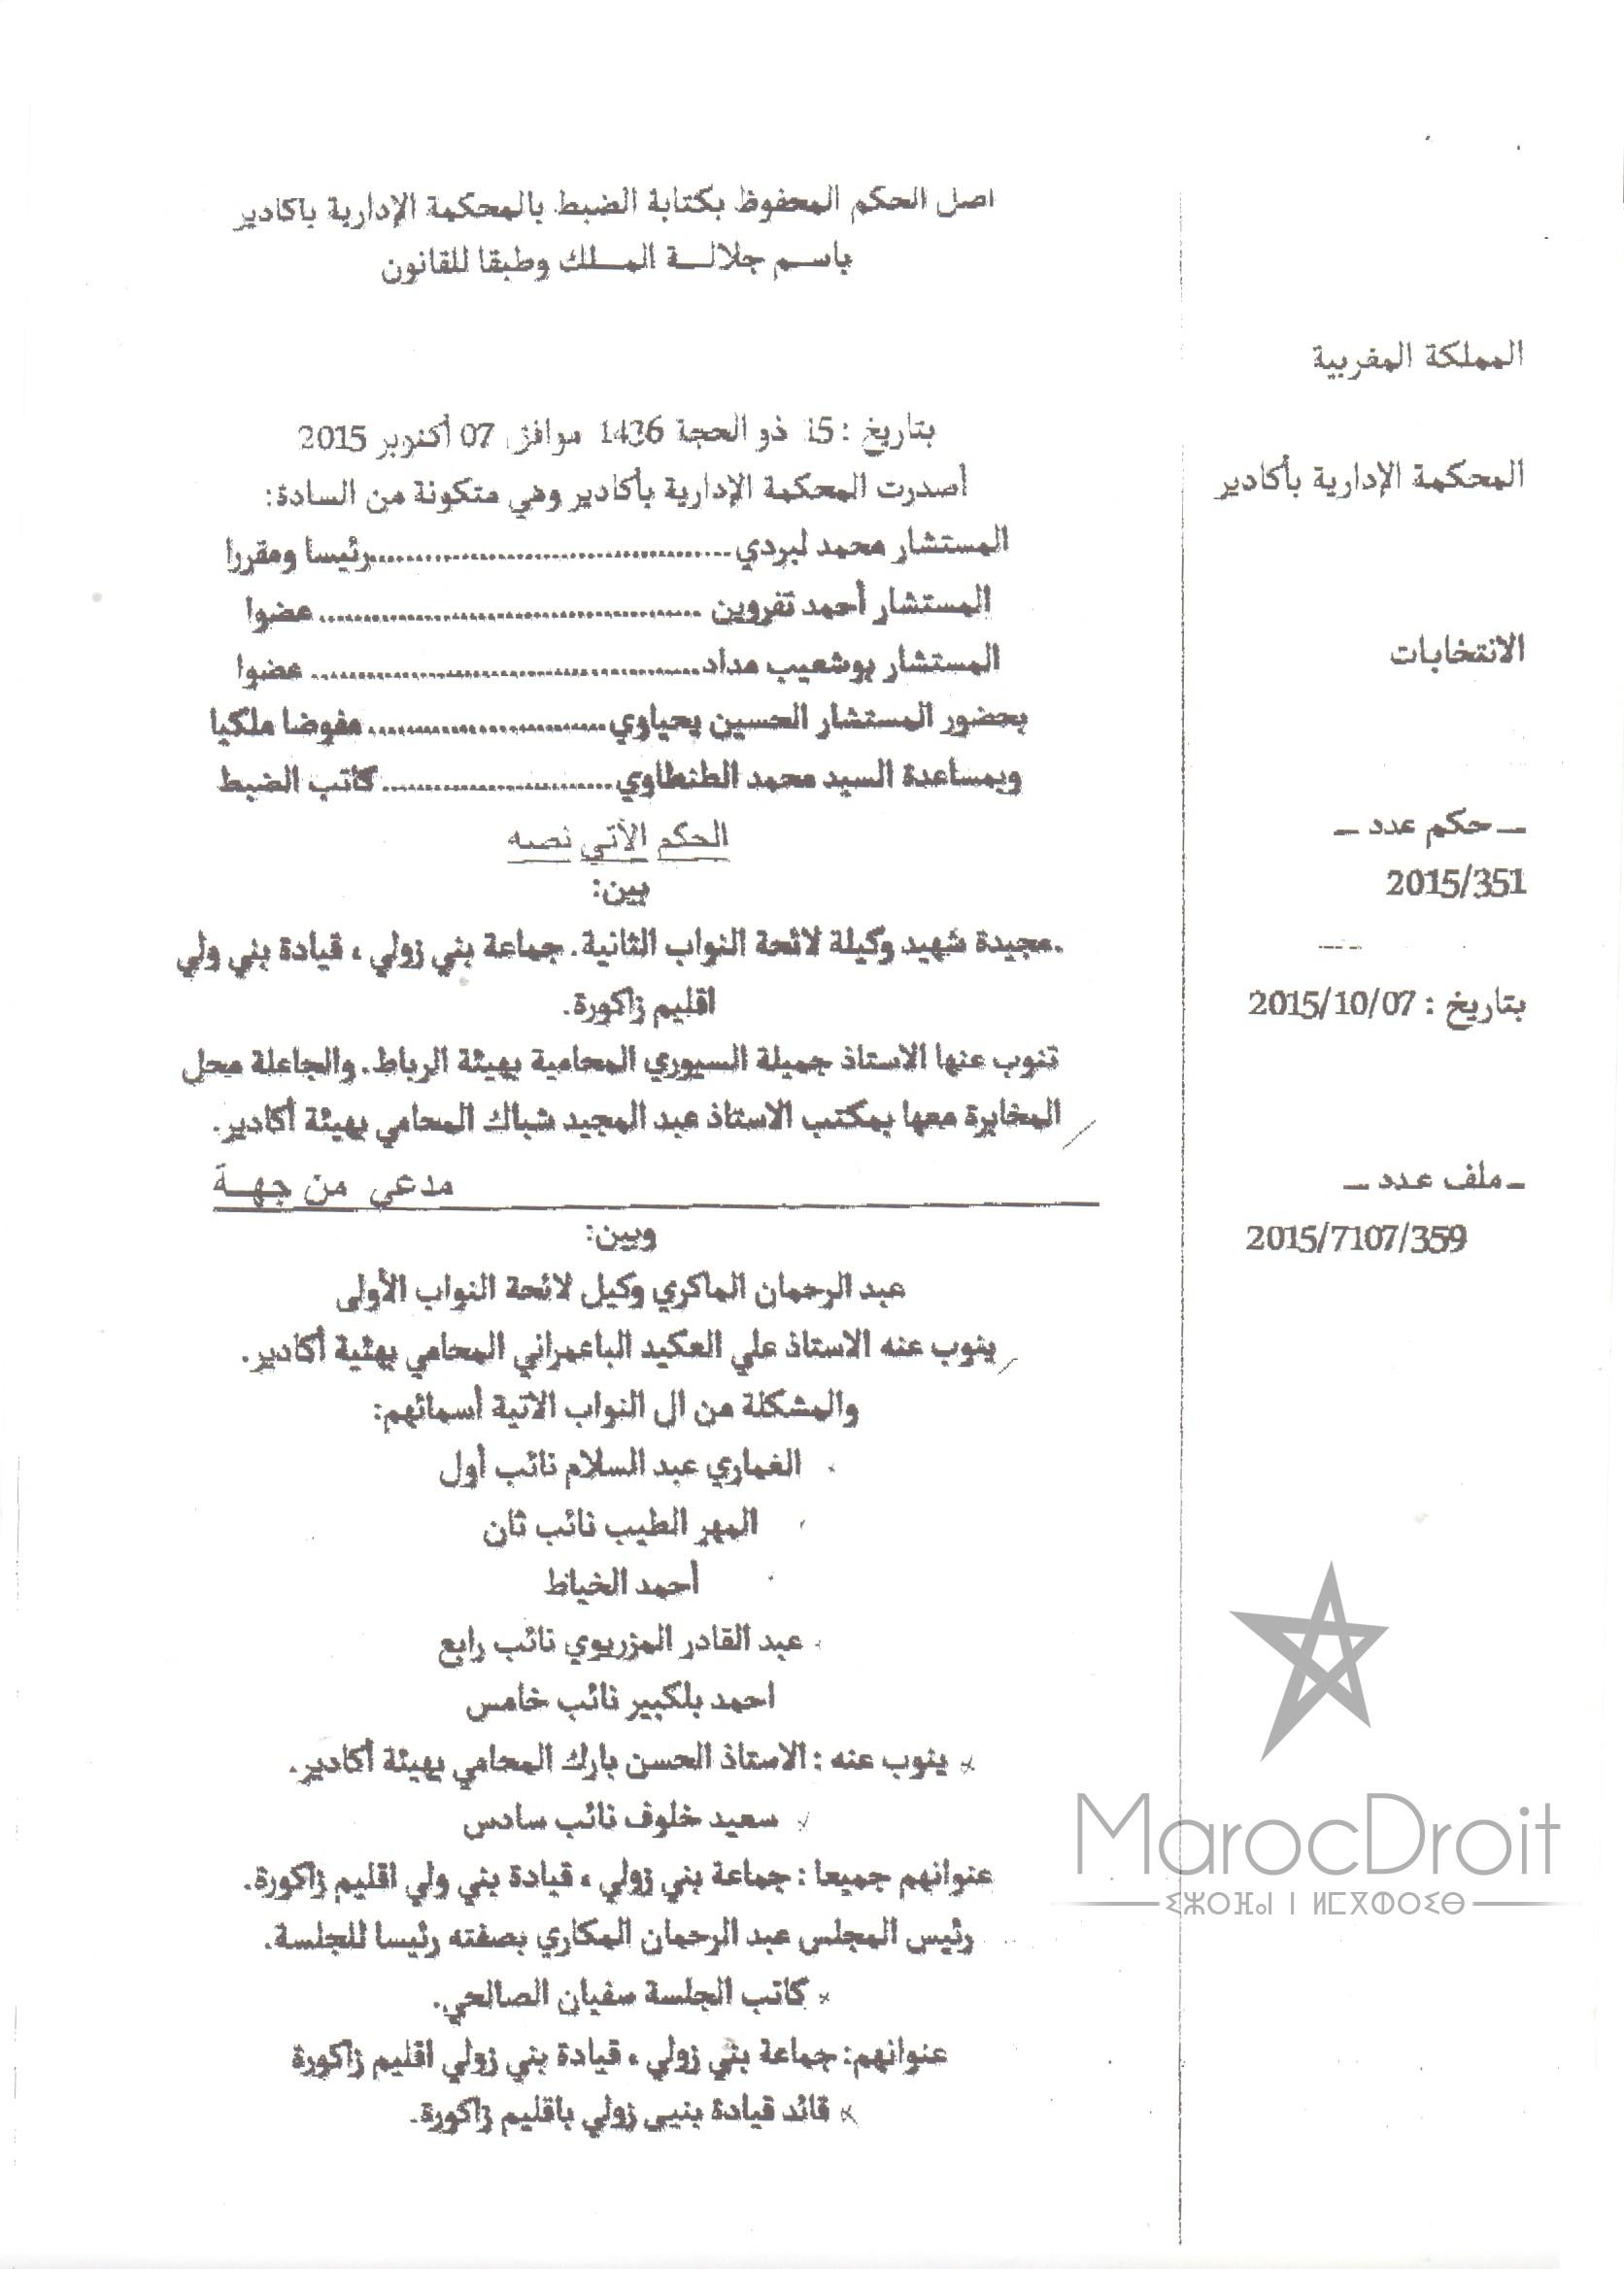 حكم المحكمة الإدارية بأكادير القاضي بإبطال عملية إنتخاب نواب رئيس المجلس الجماعي لبني زولي - إقليم زاكورة